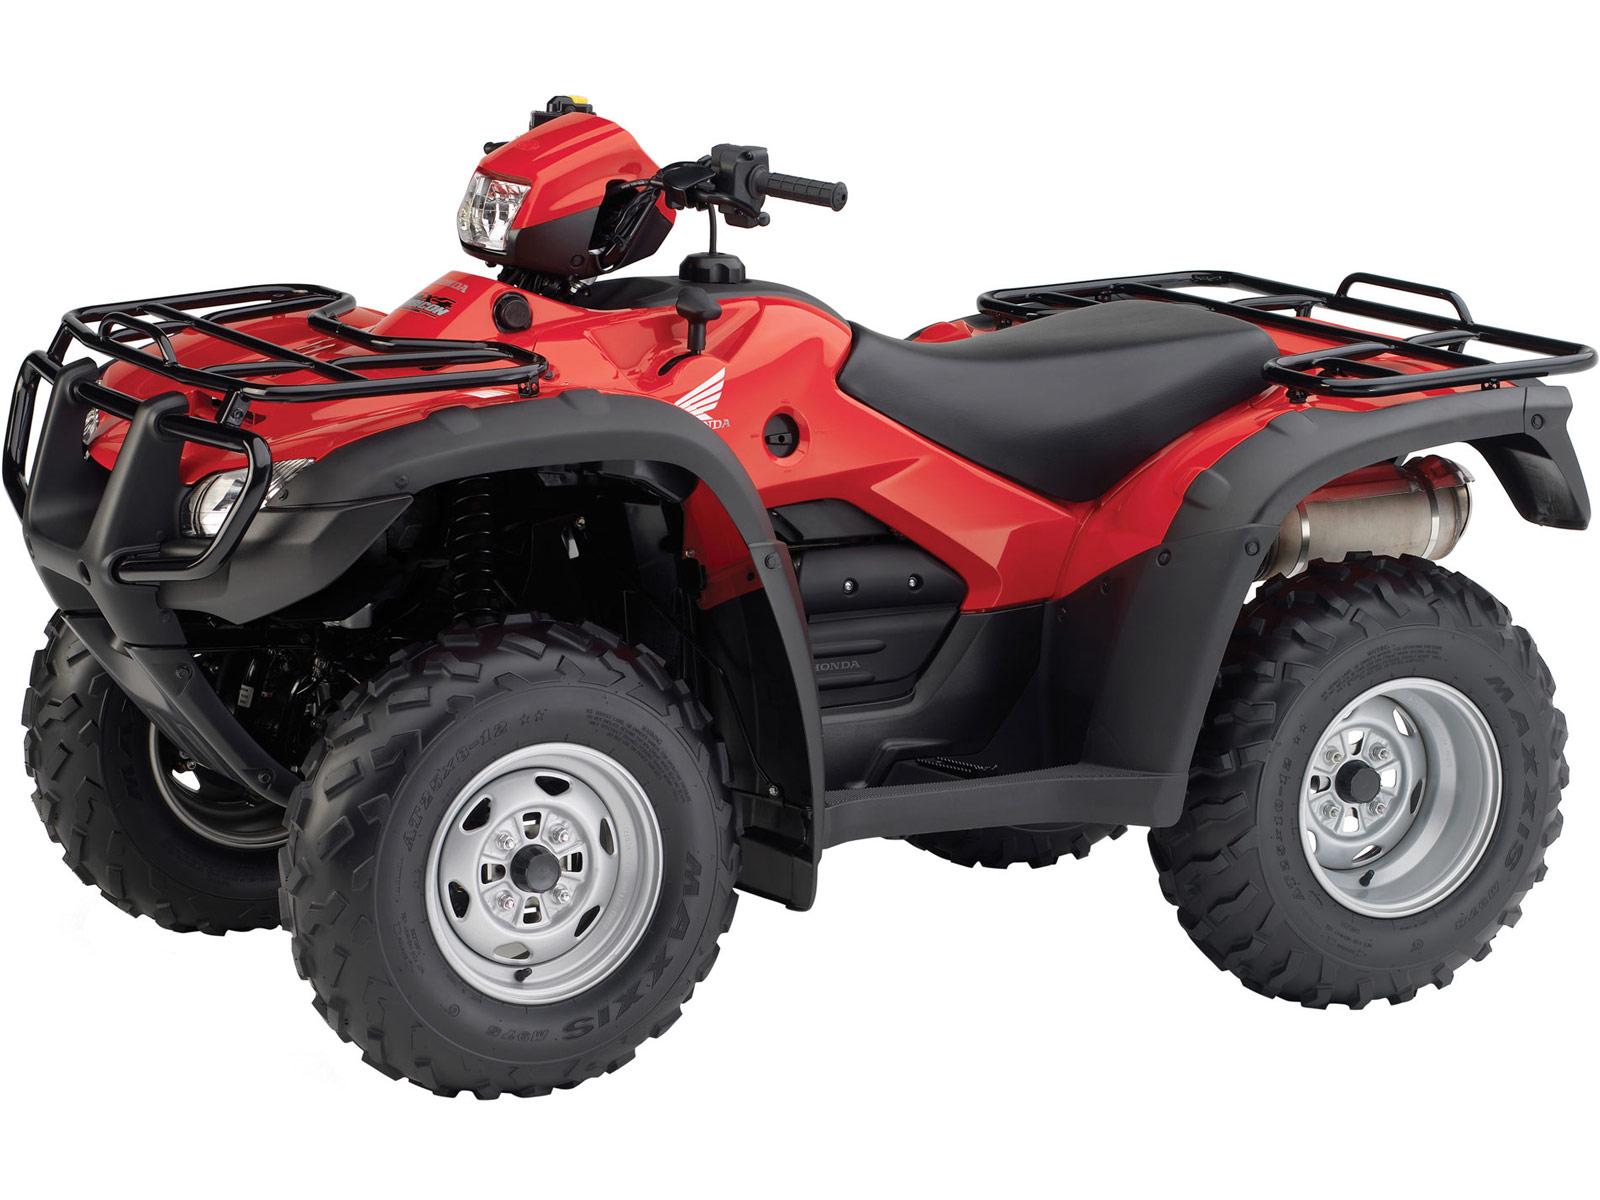 2013-Honda-FourTrax-Foreman-Rubicon-TRX5